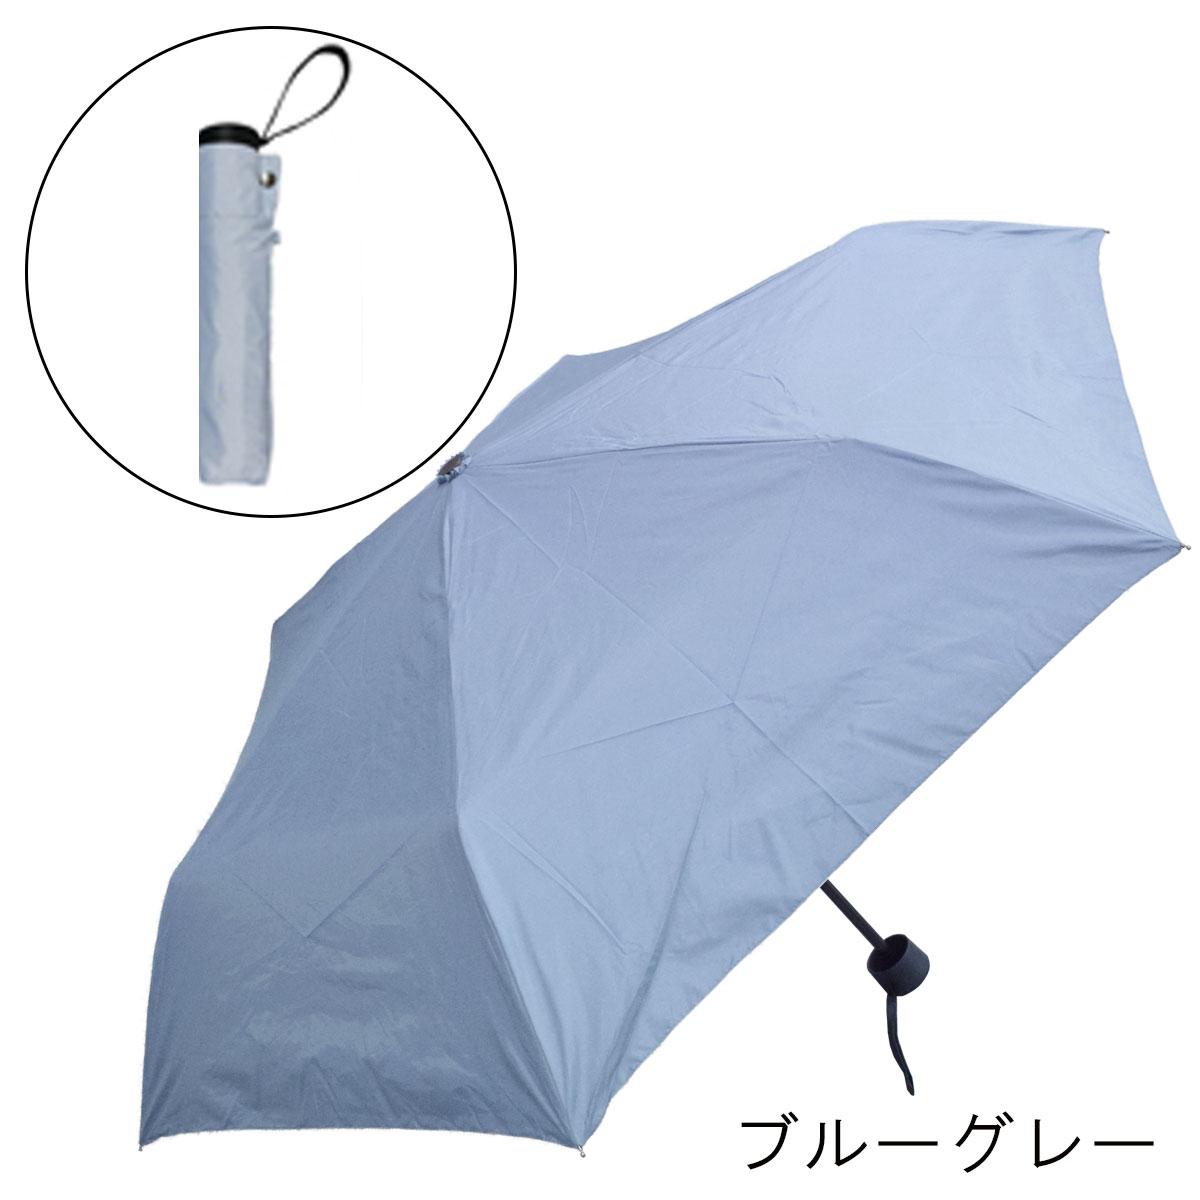 晴雨兼用 折りたたみ傘